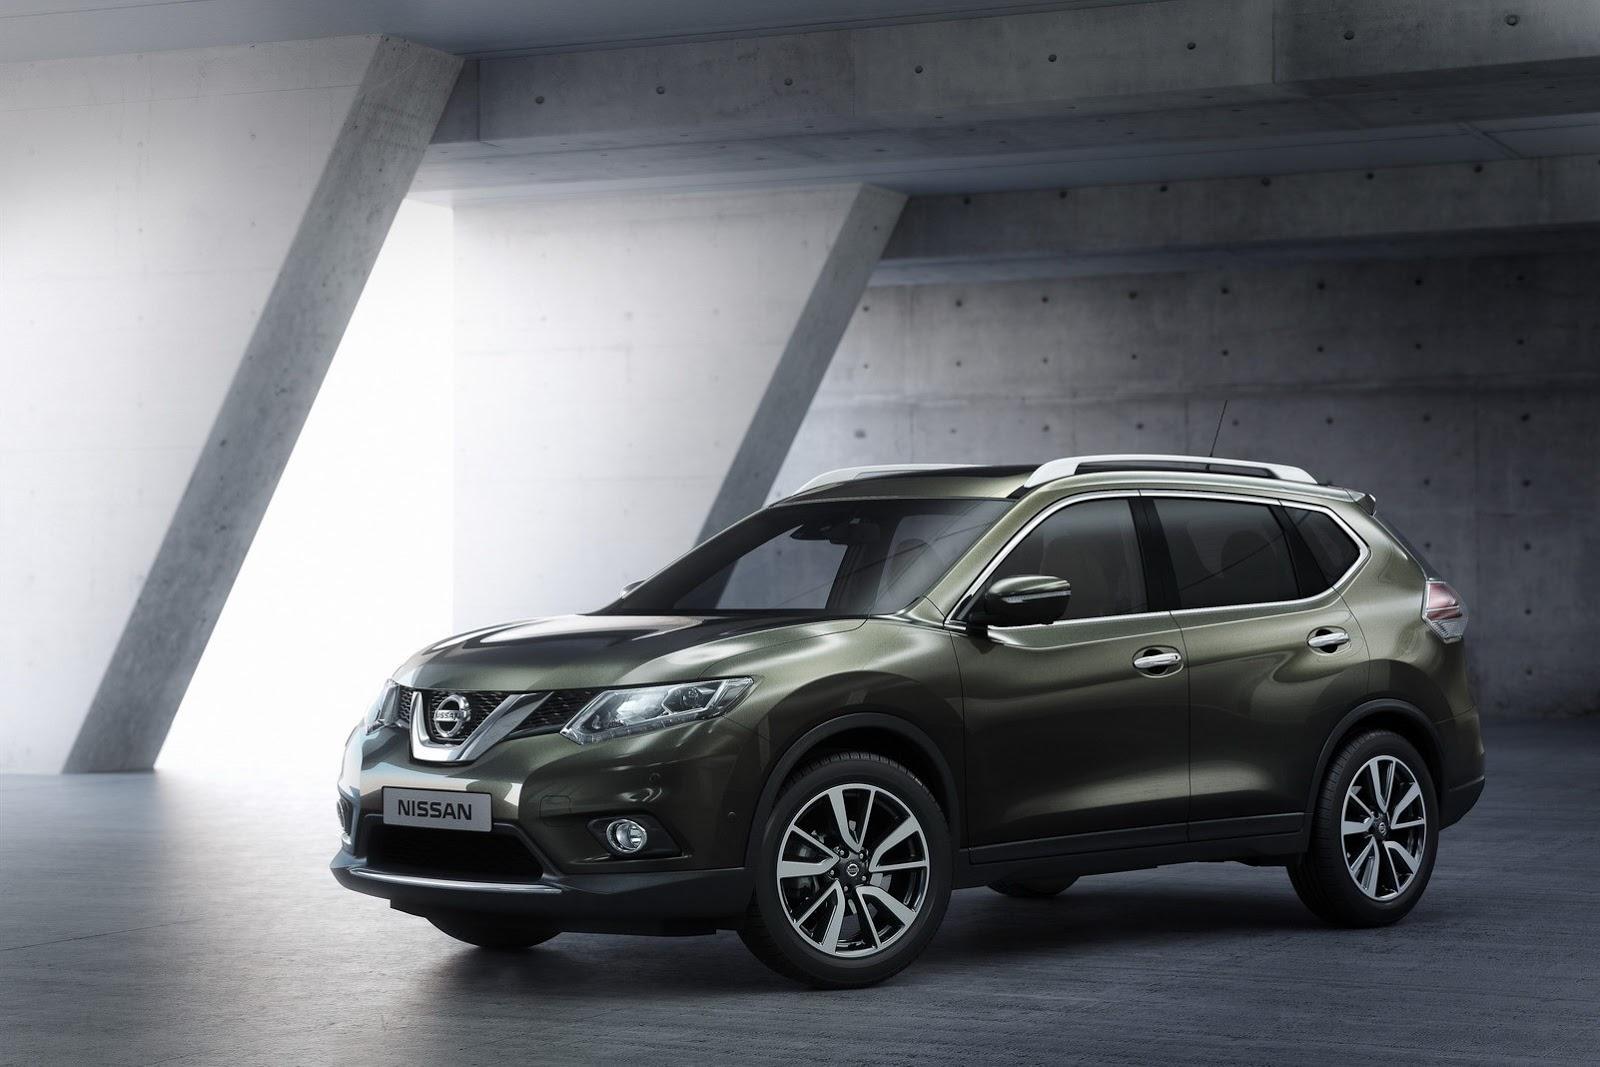 2014-Nissan-X-Trail-Rogue-11%25255B2%25255D.jpg